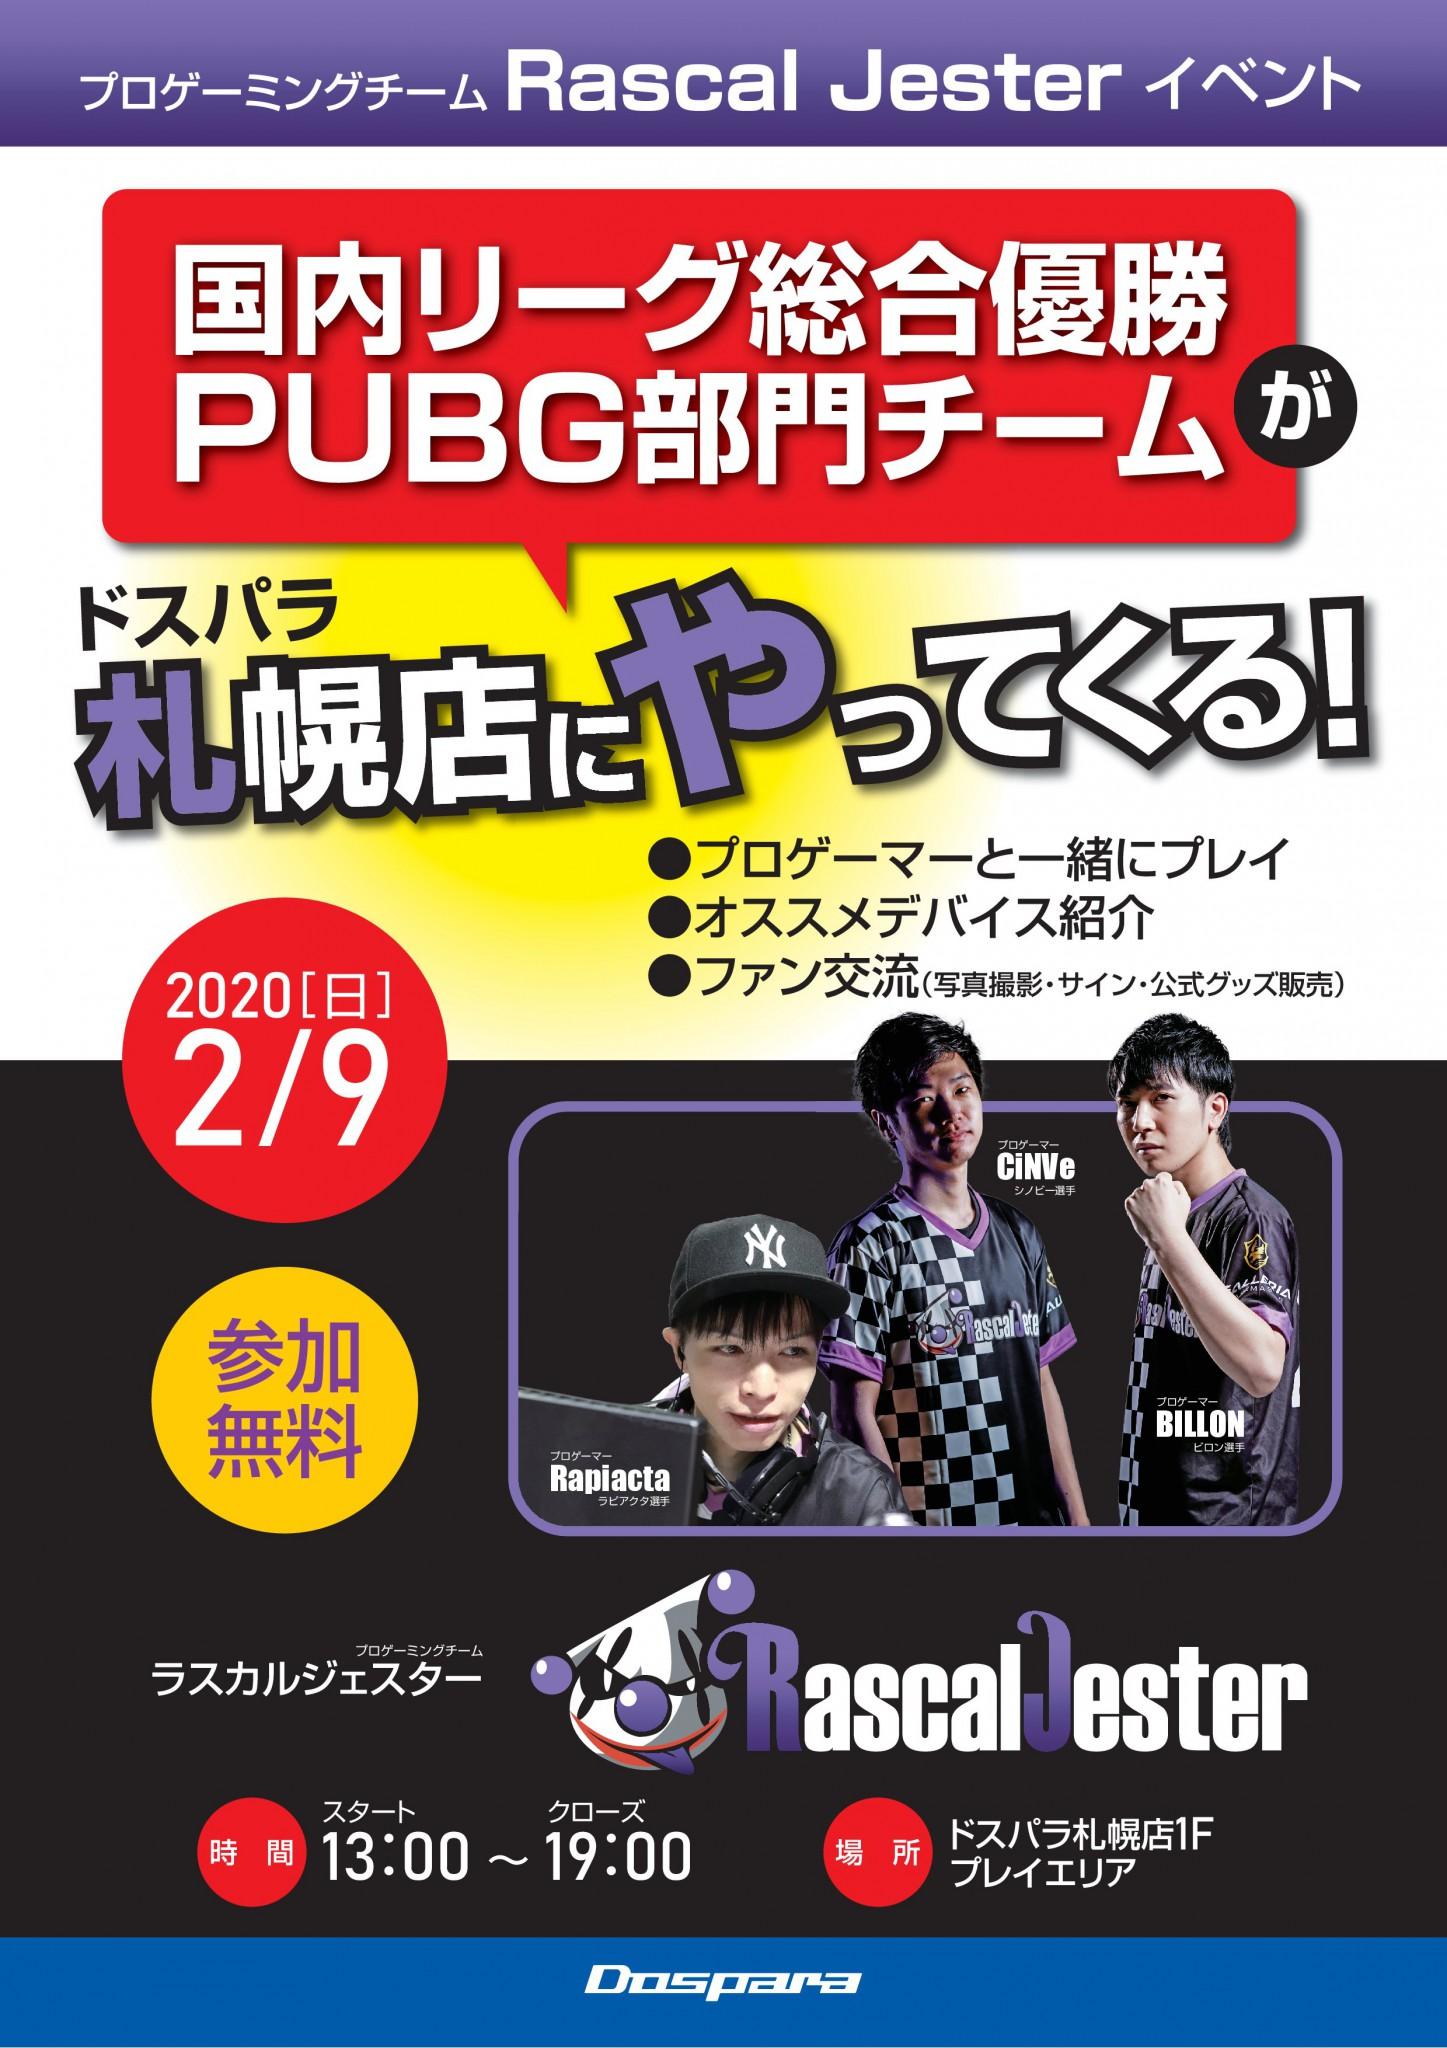 20200131_札幌イベント